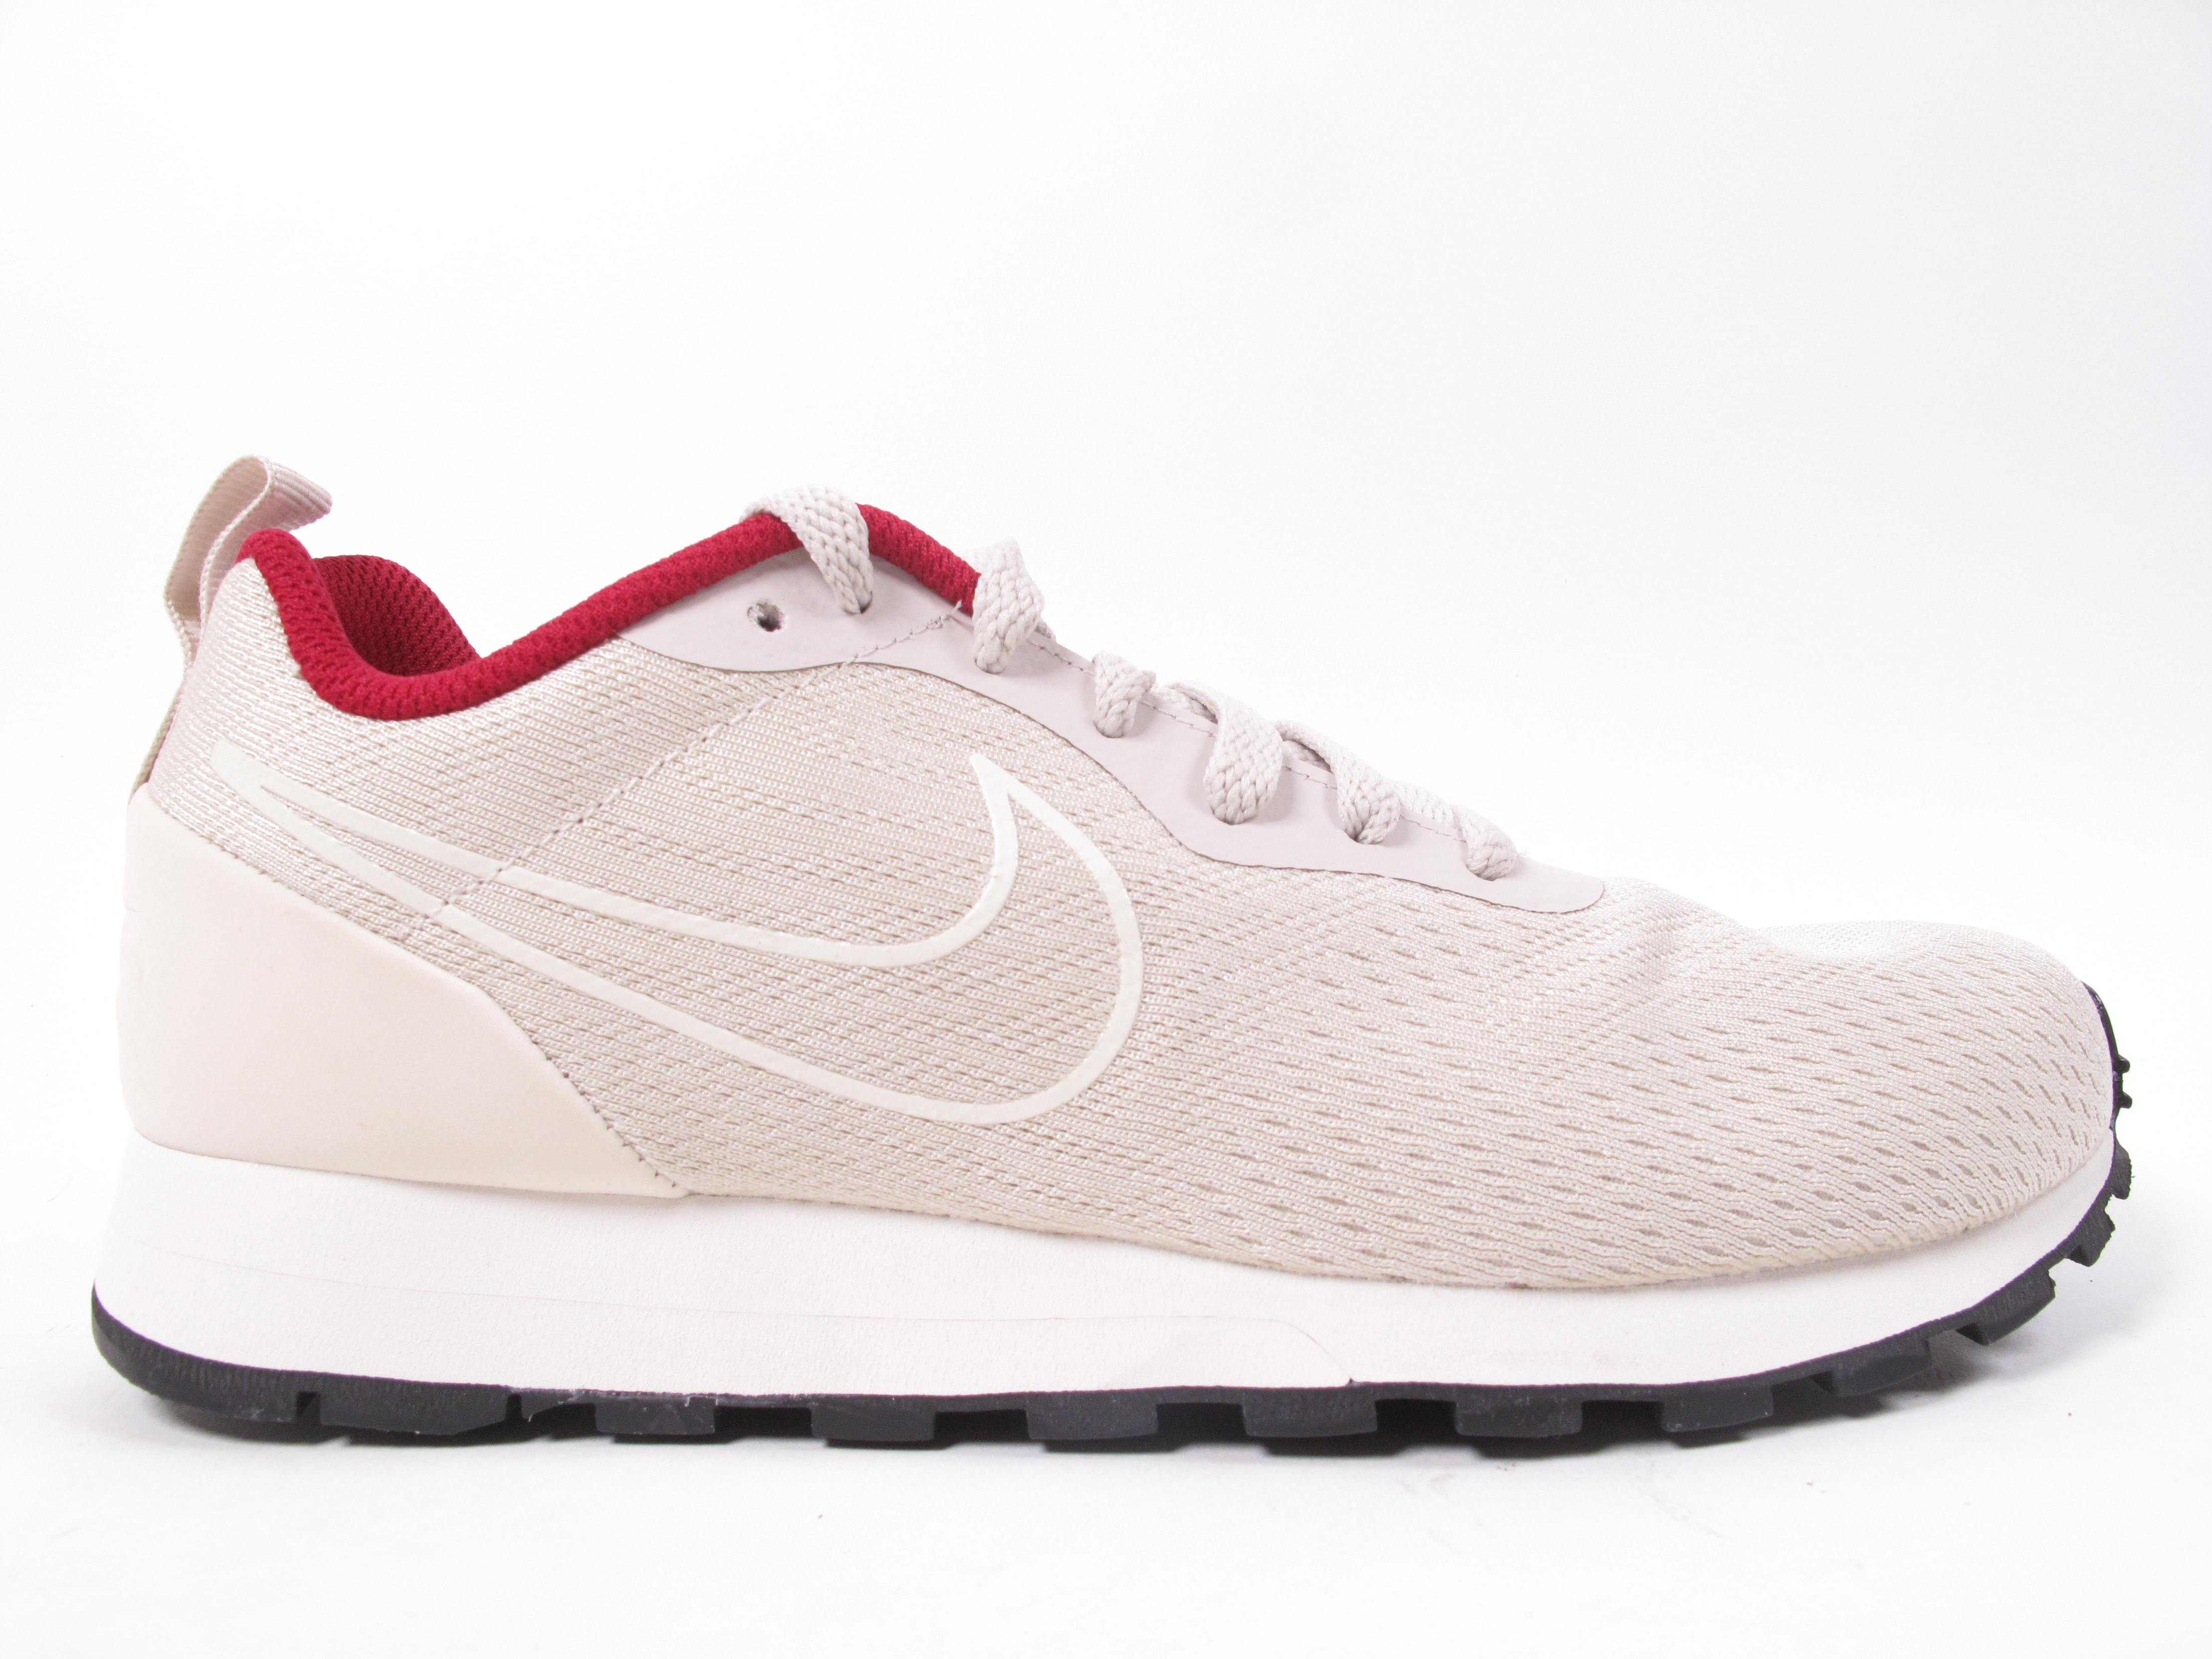 Nike Medio Corredor Zapatillas Deportivas Para Mujer 916797-100 beis NUEVO